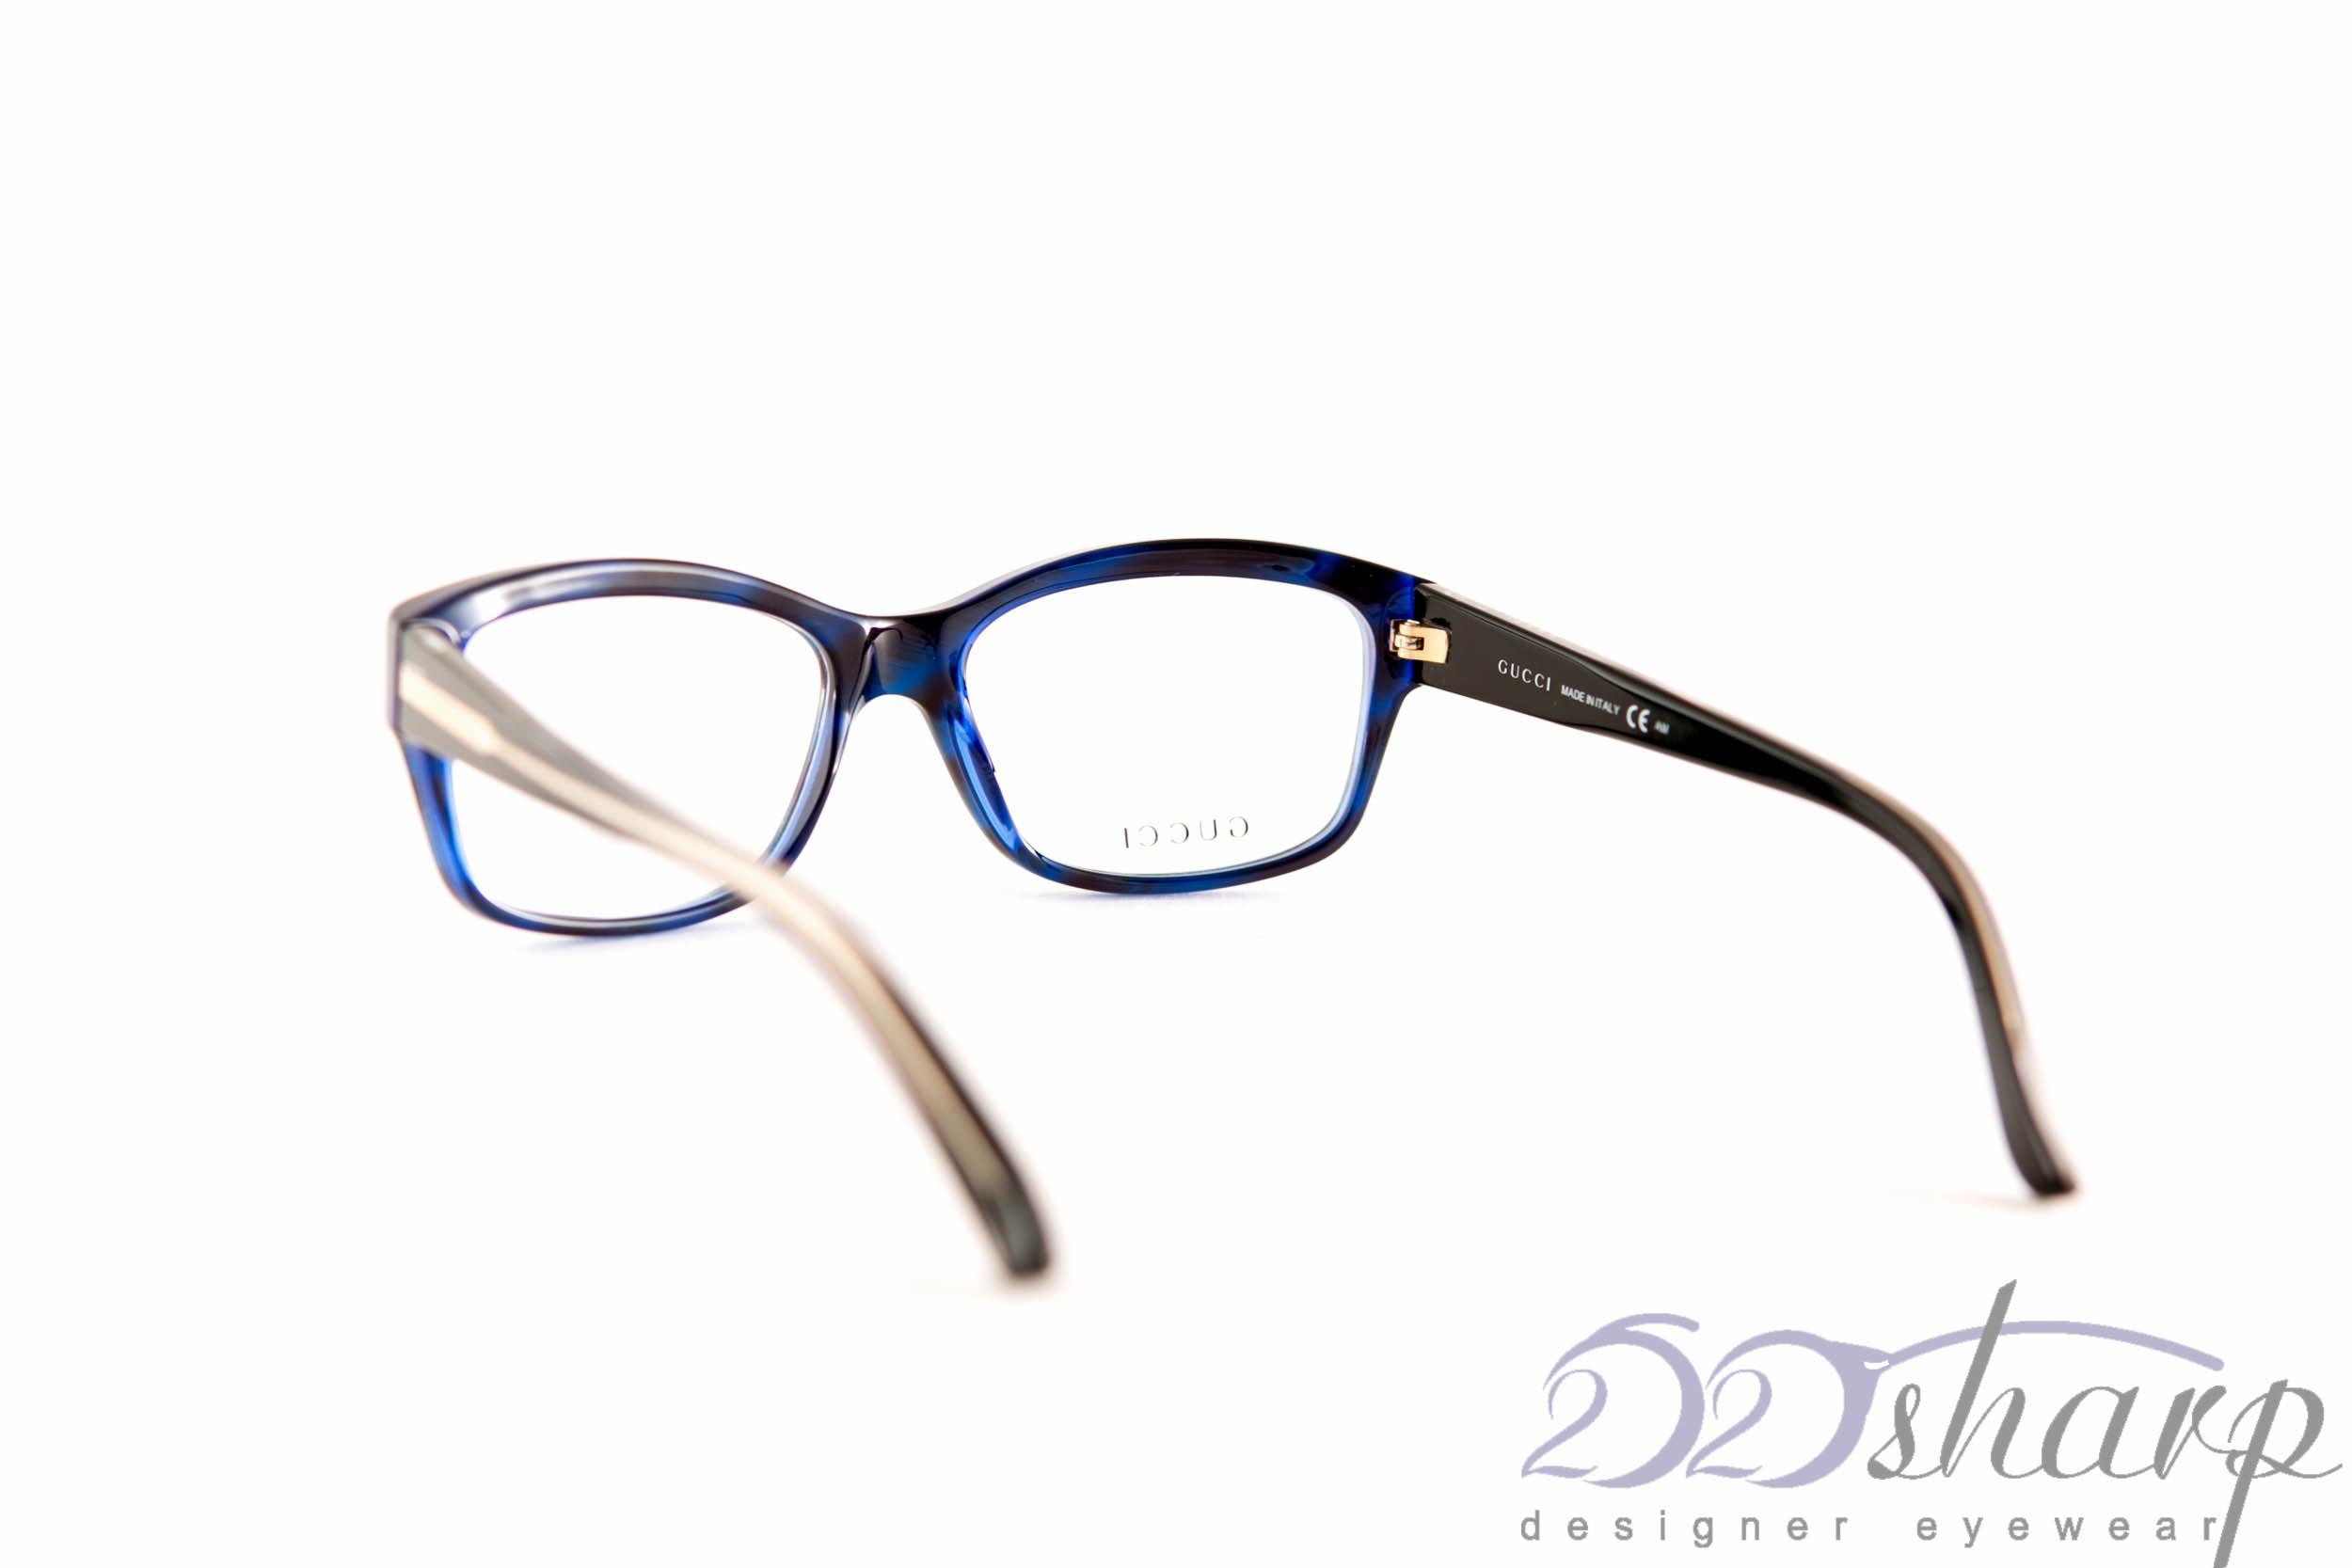 Big Blue Glasses Frames : Gucci Eyeglasses-GG 3205 Y0A Blue eBay